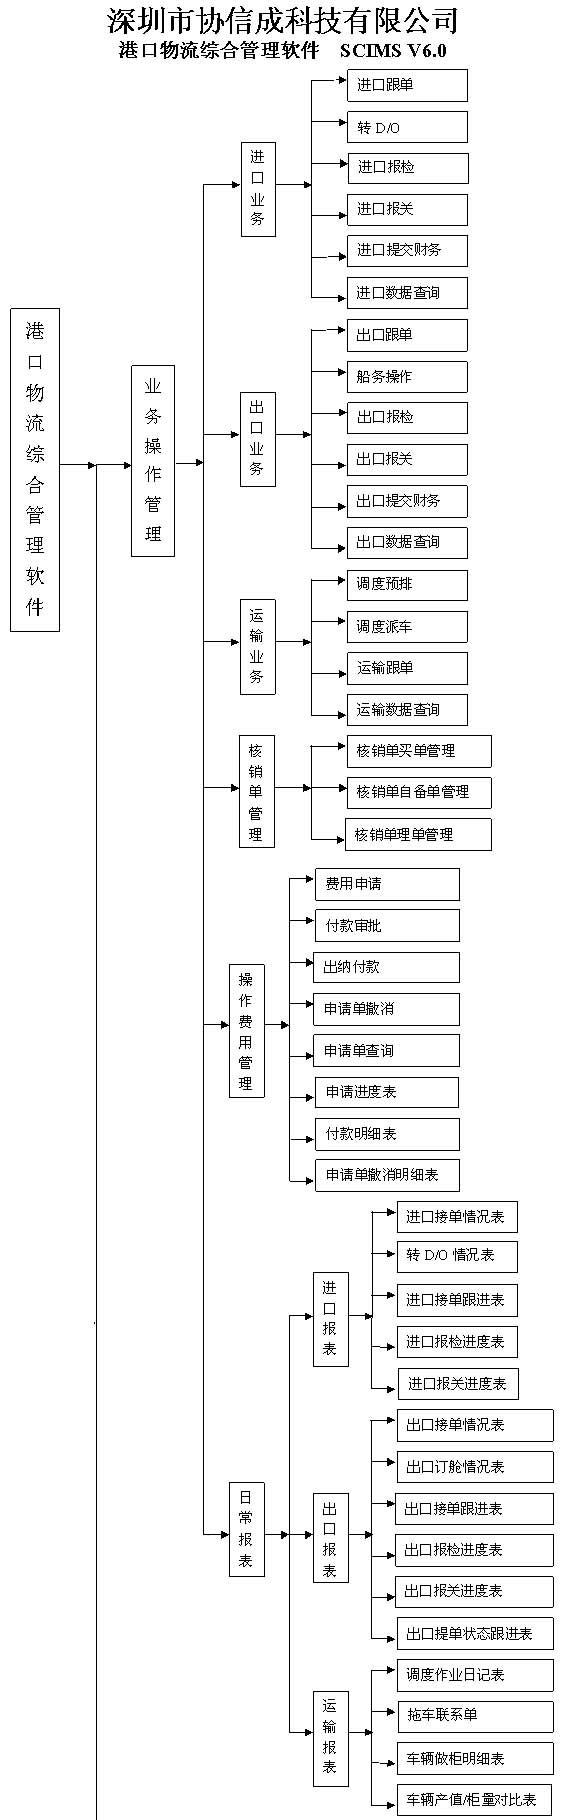 港口物流综合管理软件-标准版-1_01